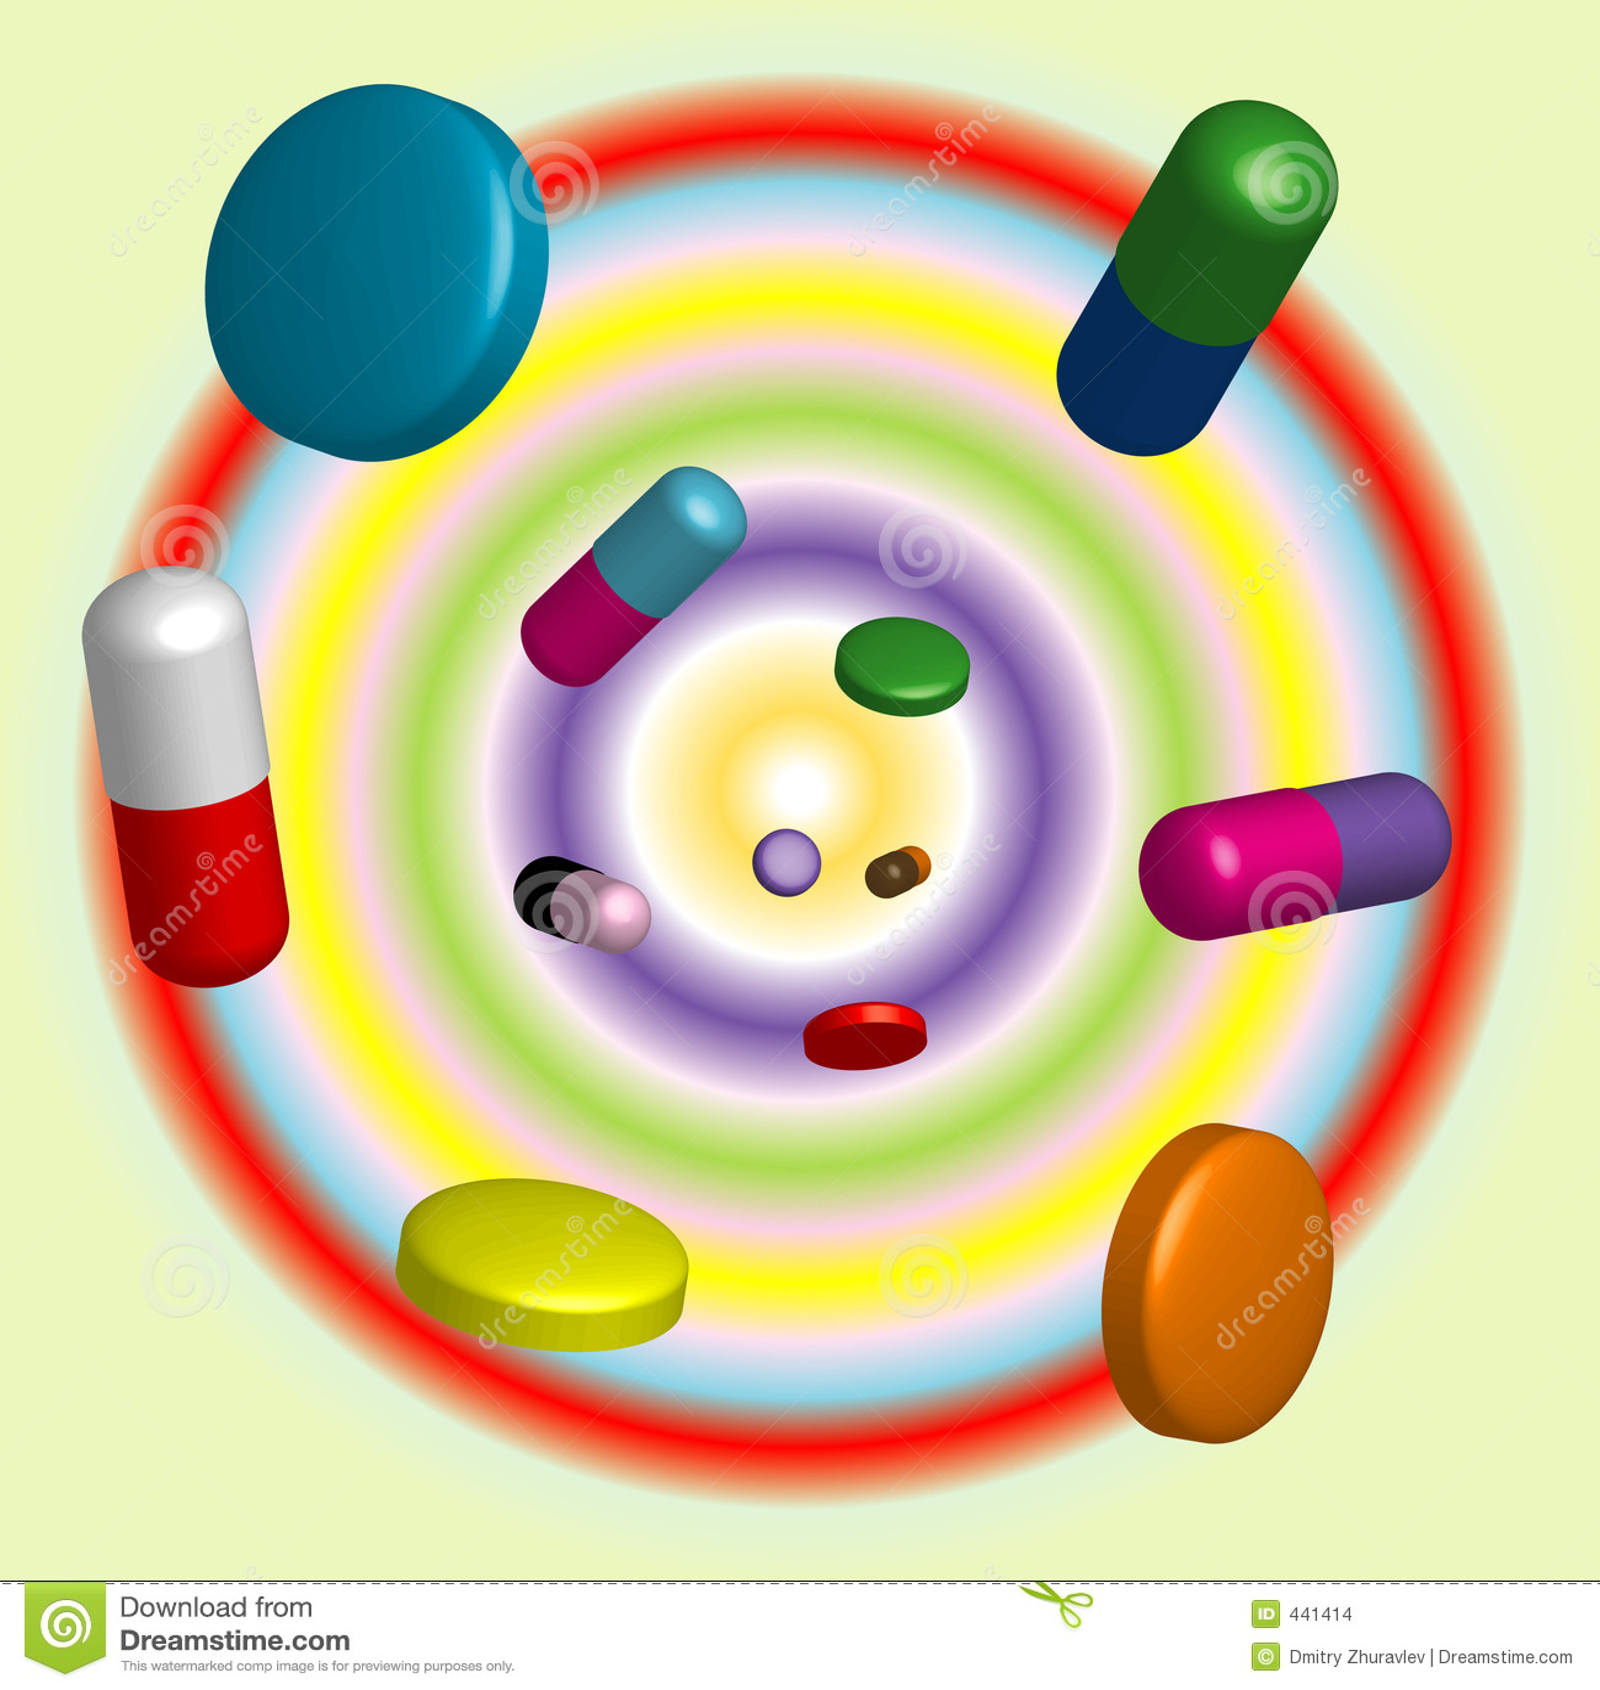 Tablets&pills